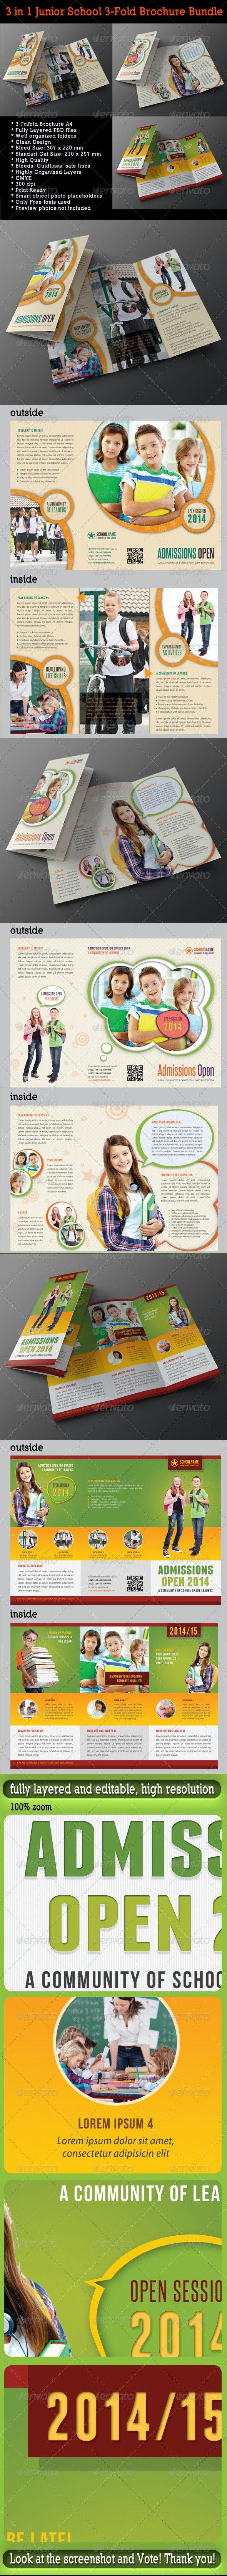 3 in 1 Junior School Promotion Brochure Bundle 01 - Brochures Print Templates